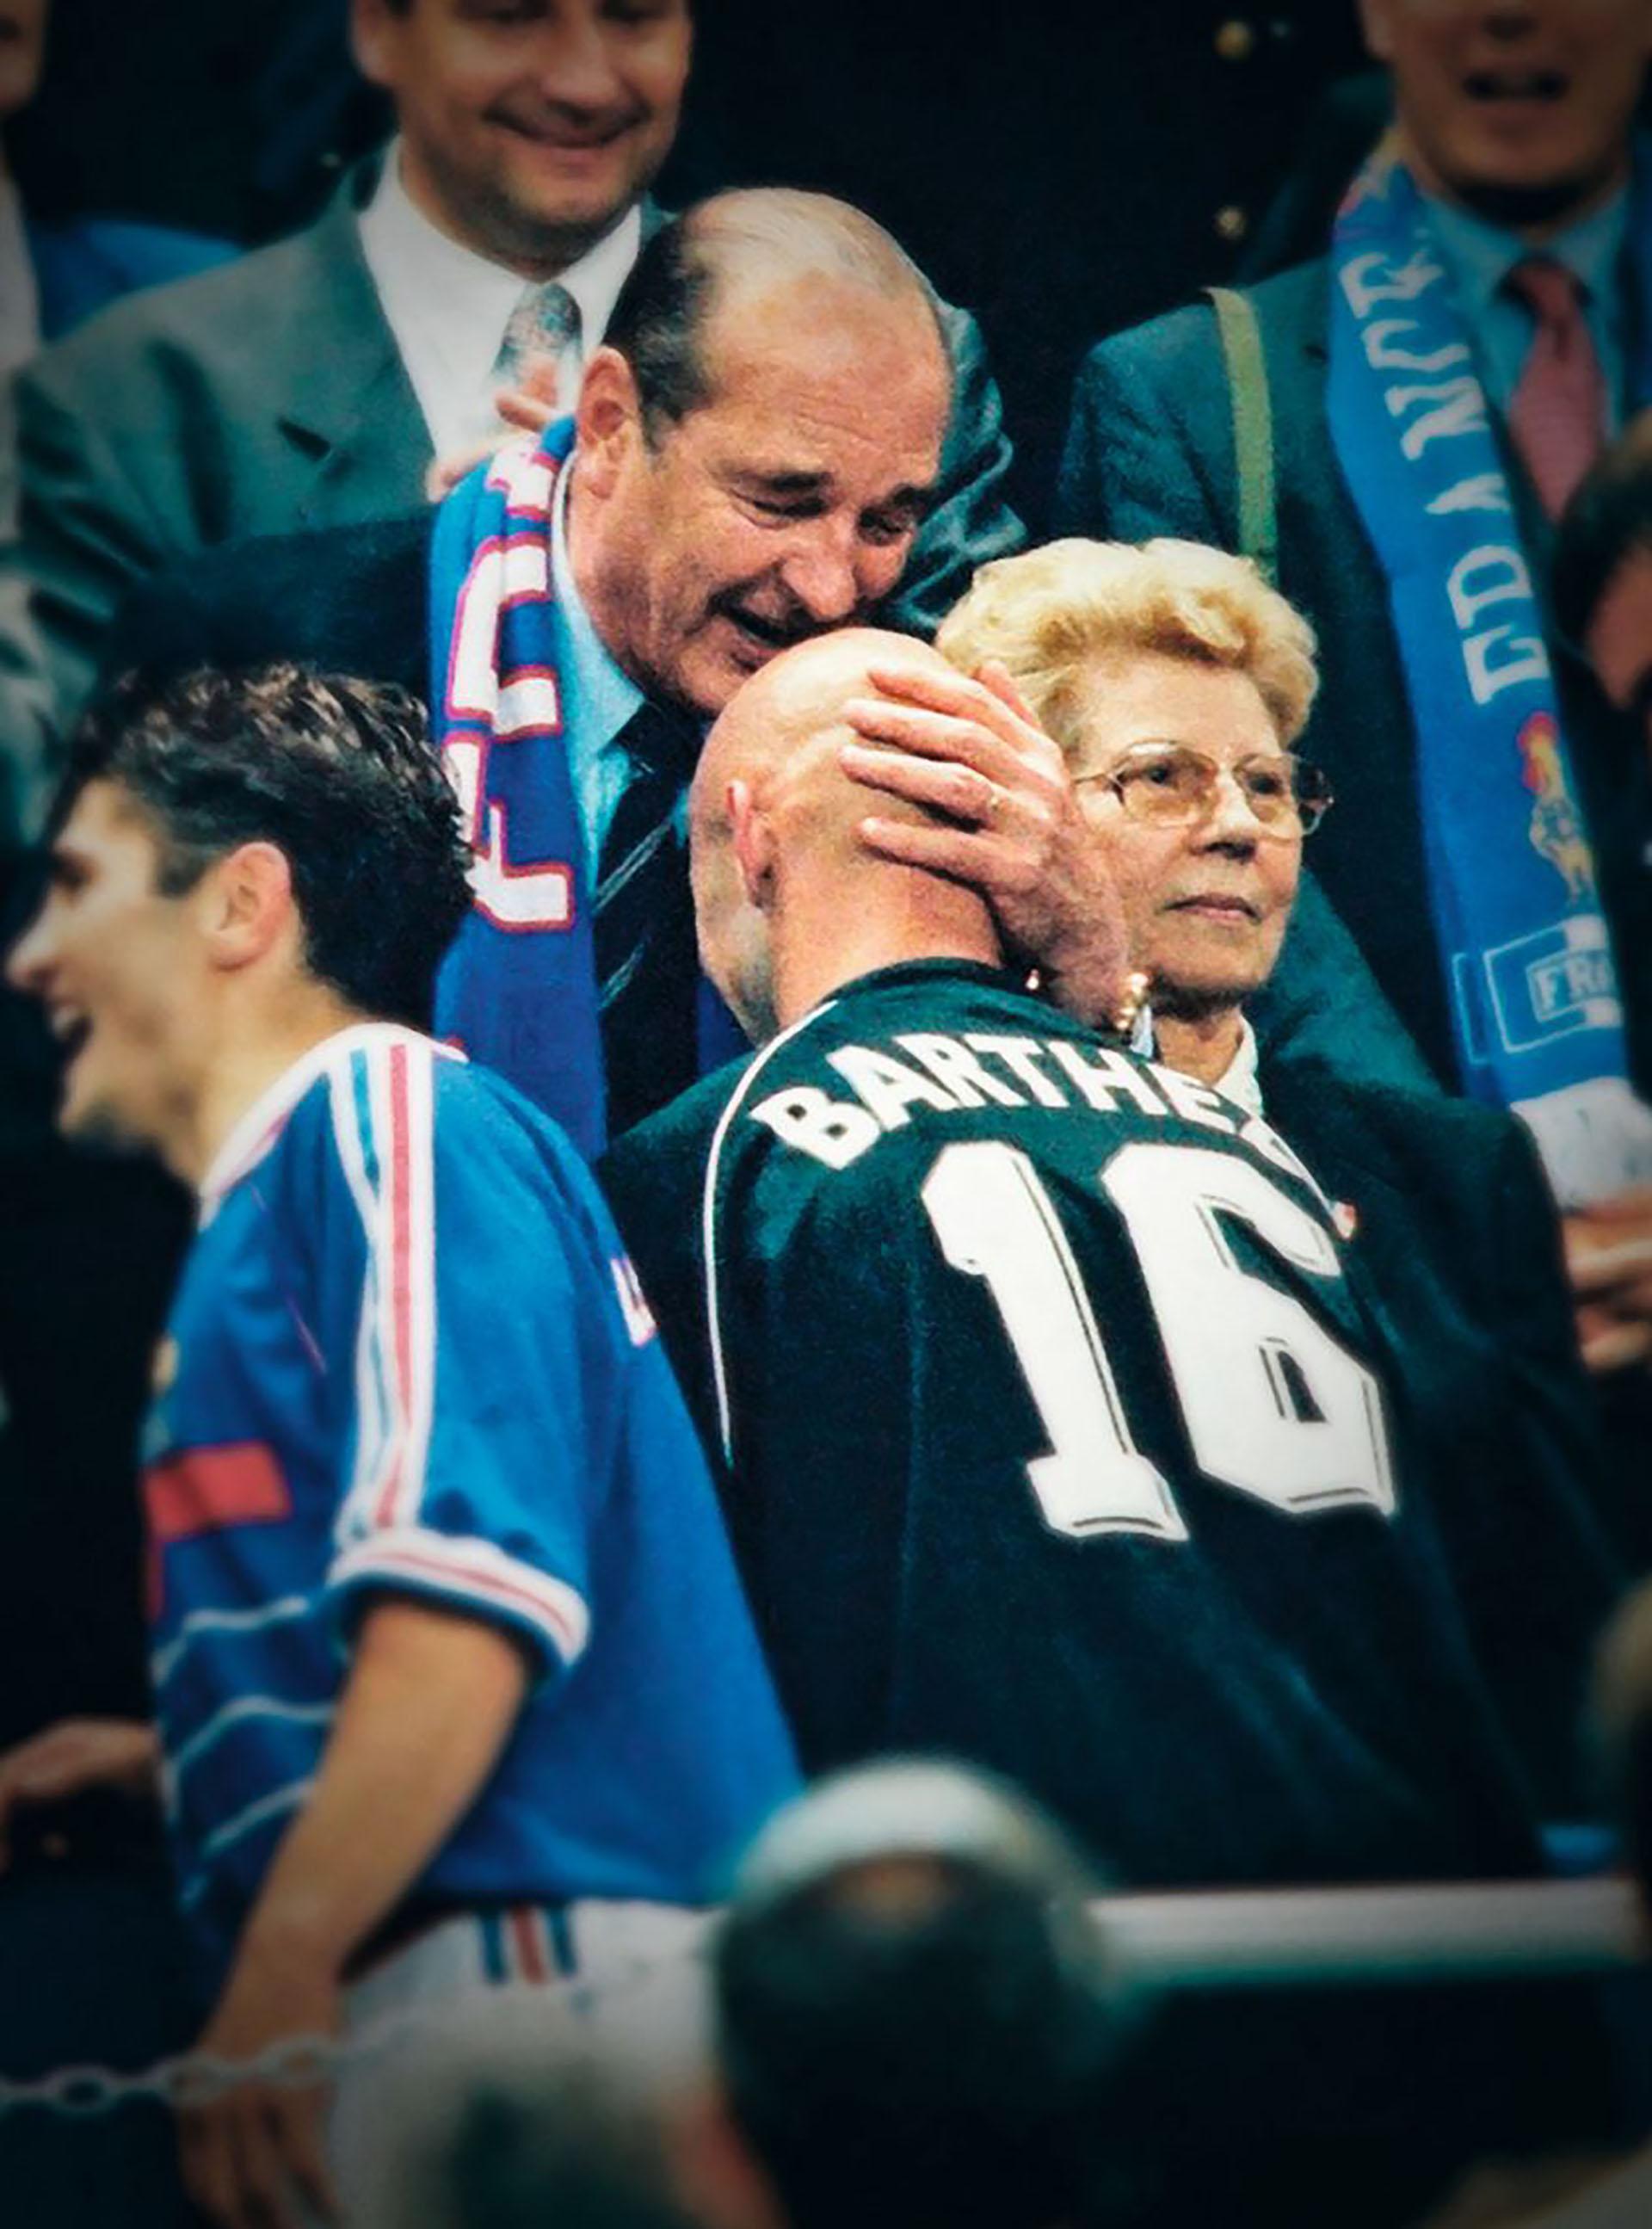 En la celebración del campeón de Francia 1998, el presidente frances Jacques Chirac también besó la cabeza del arquero